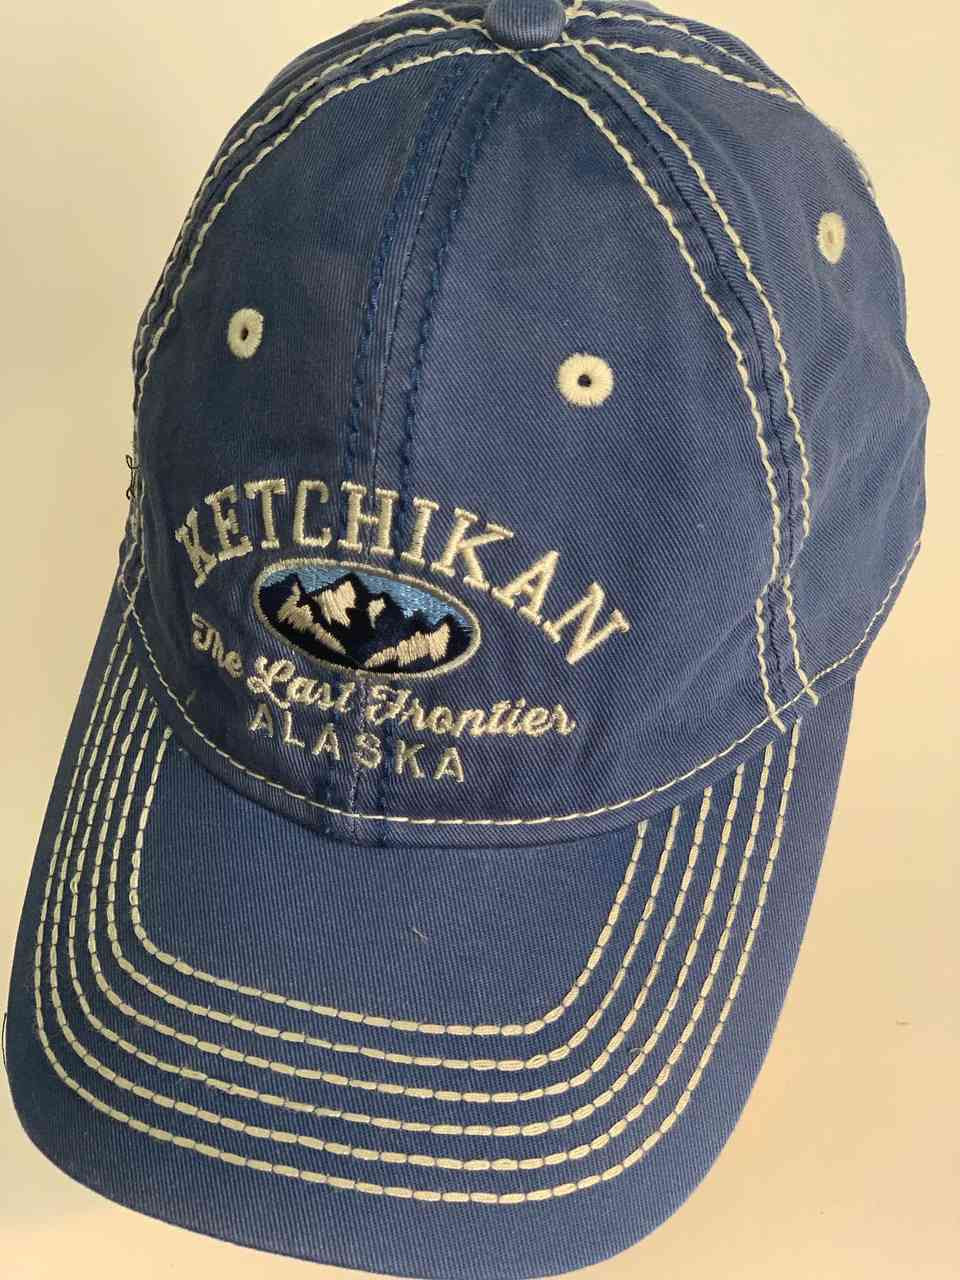 Синяя мужская кепка KETCHIKAN Alaska